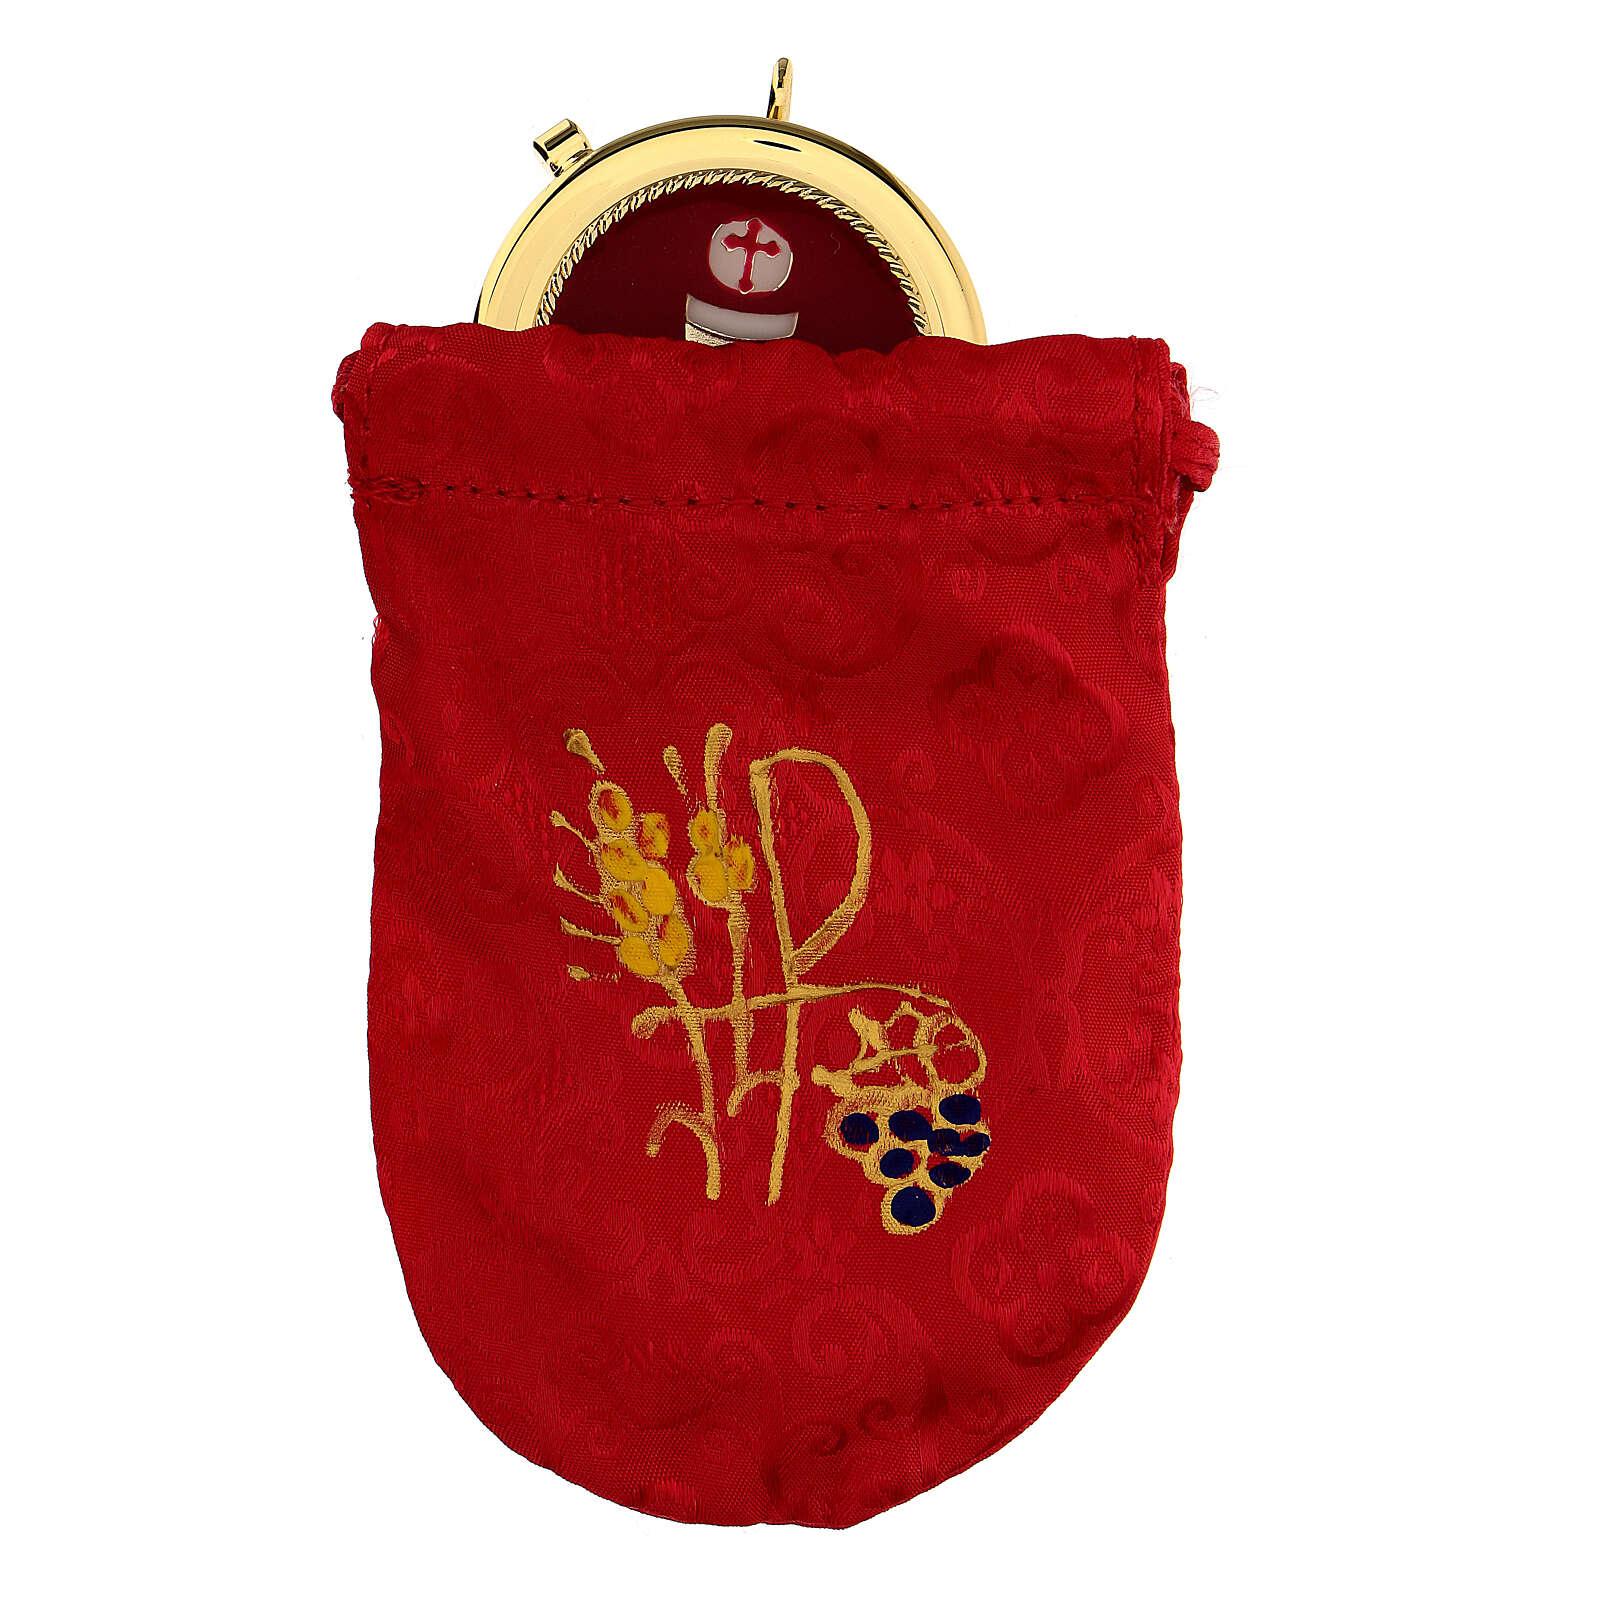 Bolsa para relicario 5 cm de raso rojo con manutergio y cruz 3